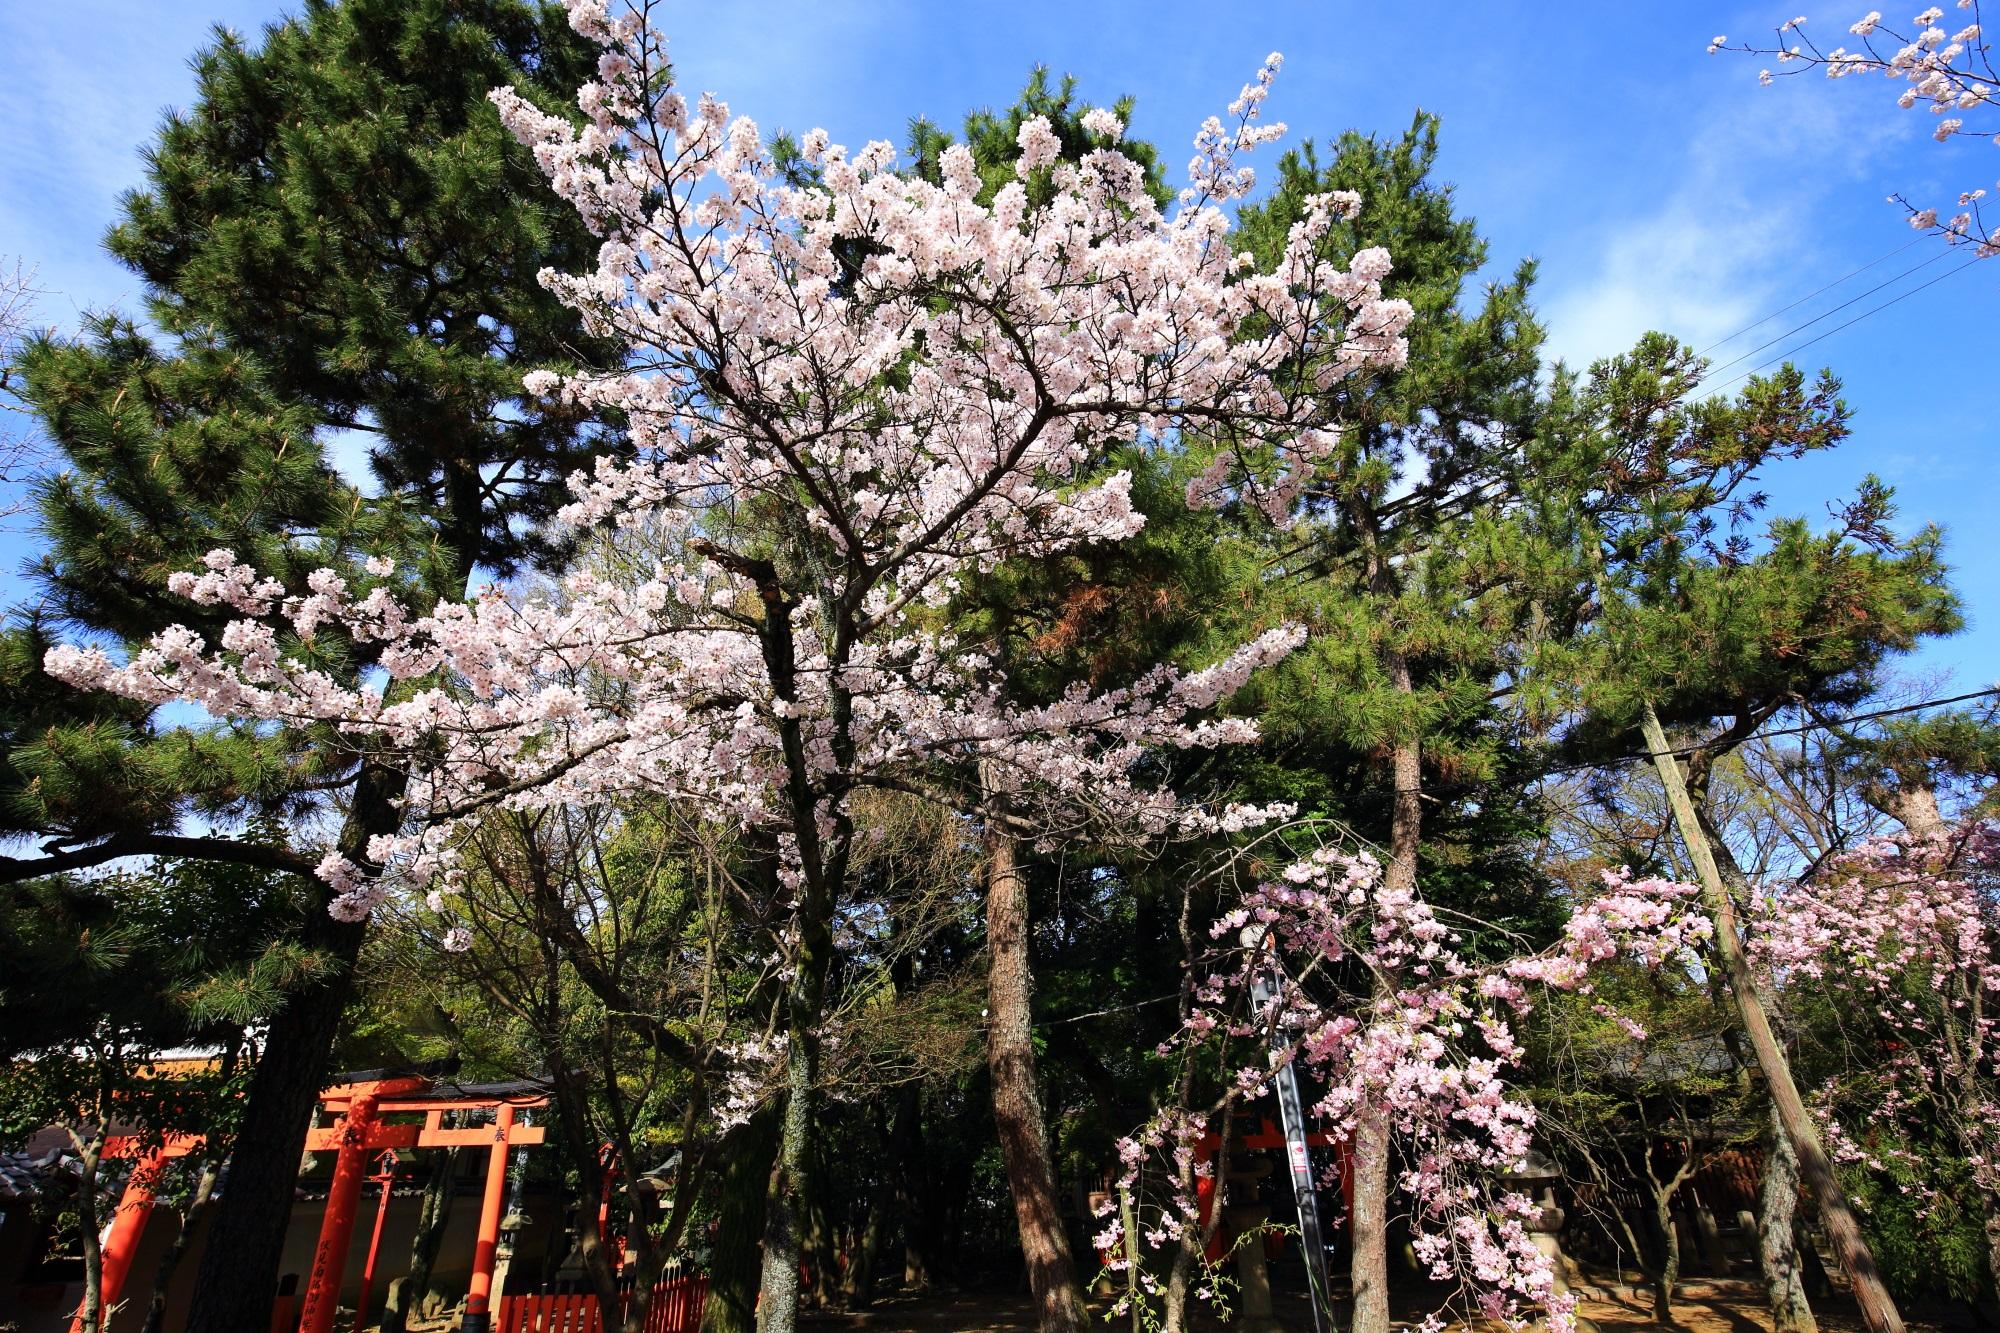 本殿の裏や周りの桜